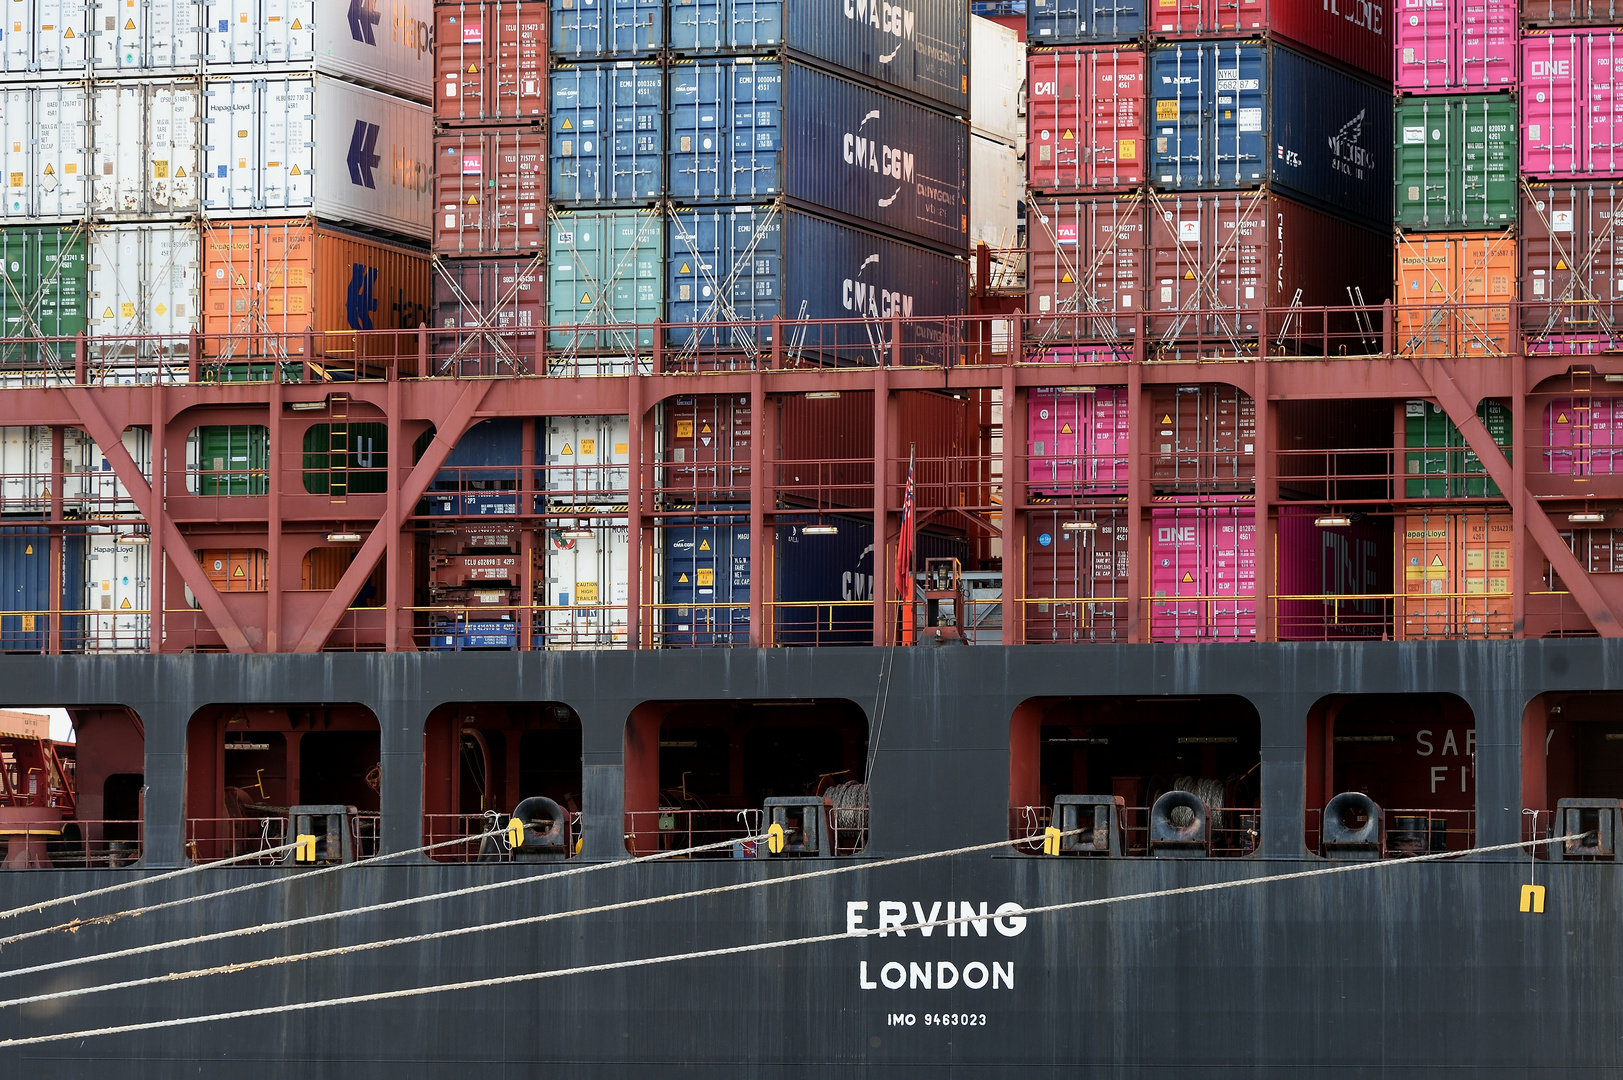 ERVING LONDON